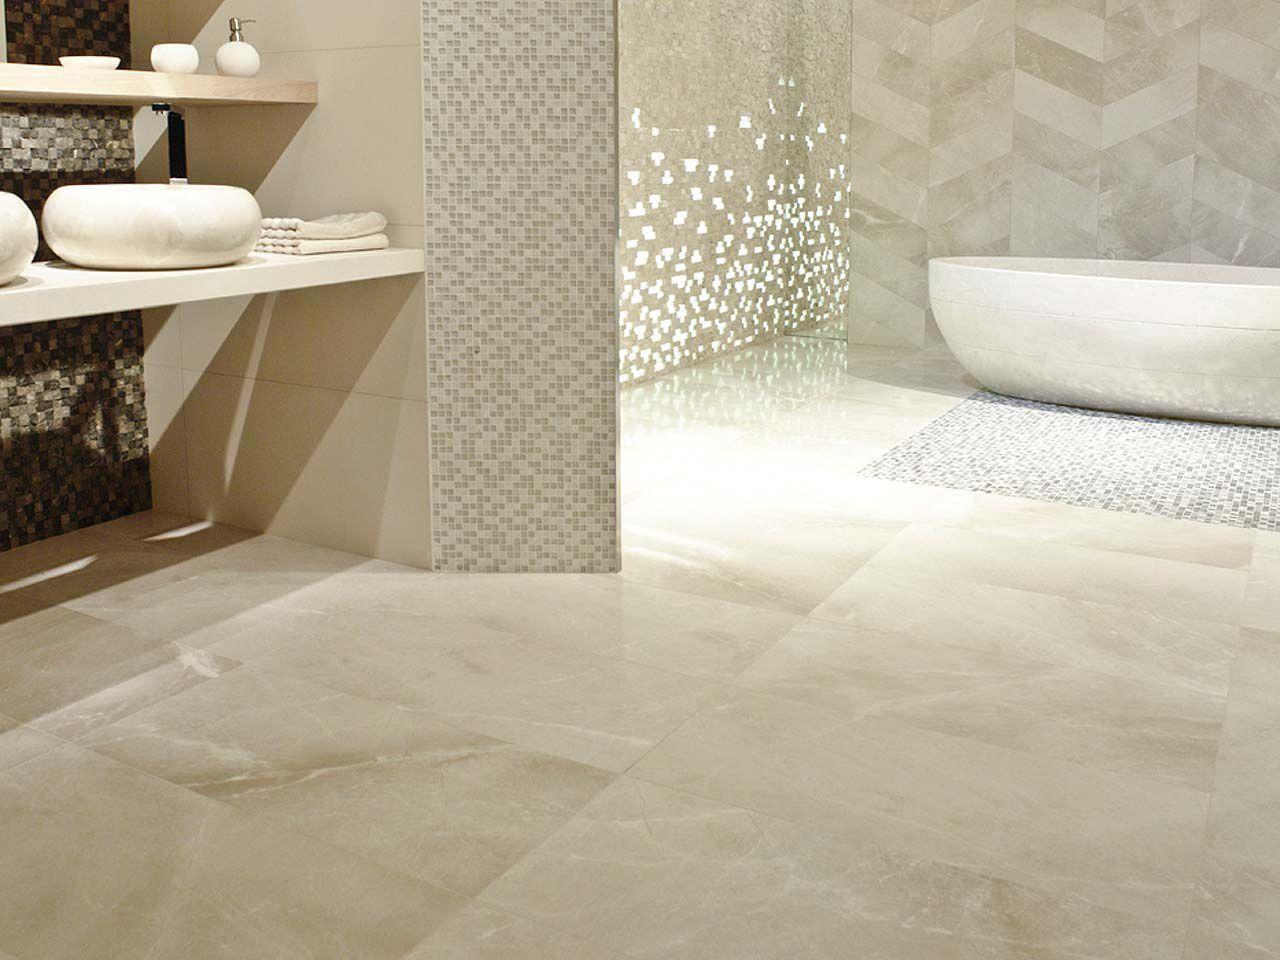 Bathroom tile / indoor / wall-mounted / marble - MARMOL CREMA GRECIA ...